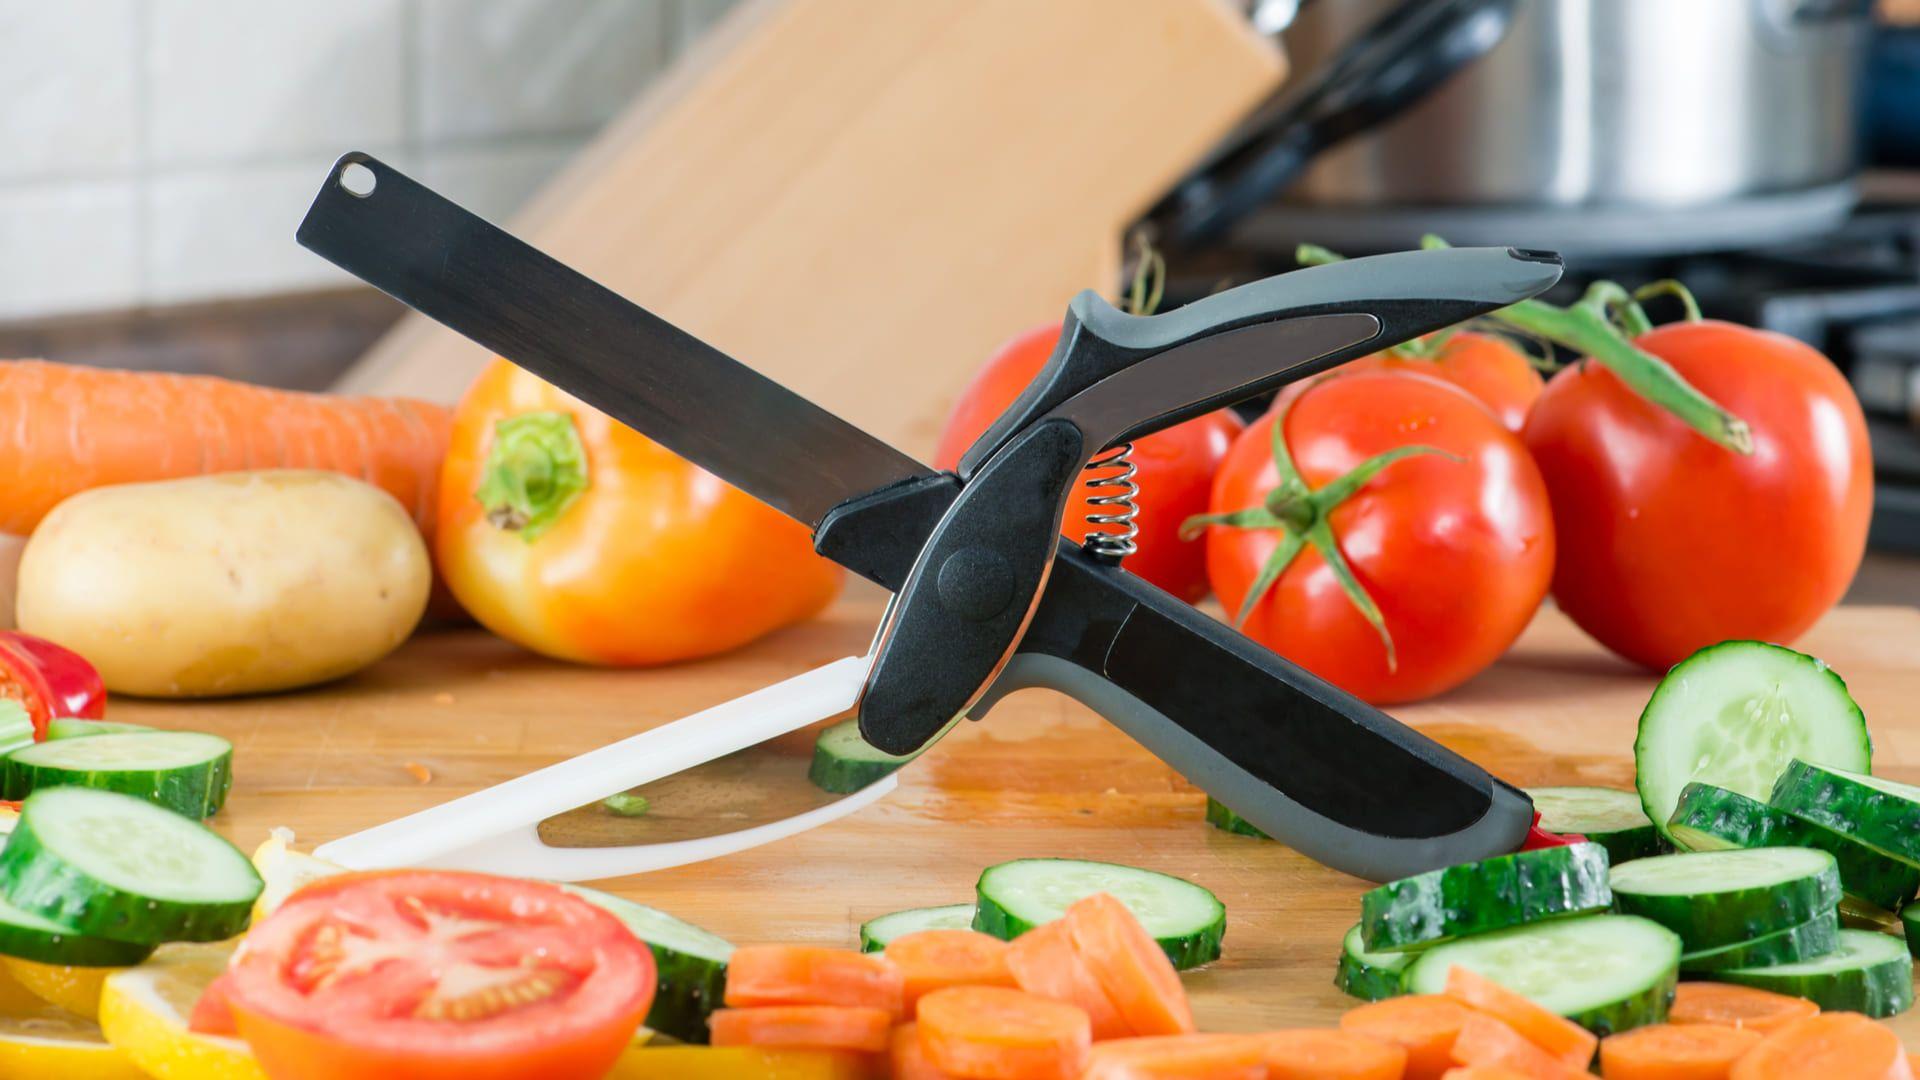 De um lado, a tesoura tem uma faca e, do outro, uma tábua de corte. (Imagem: Reprodução/Shutterstock)